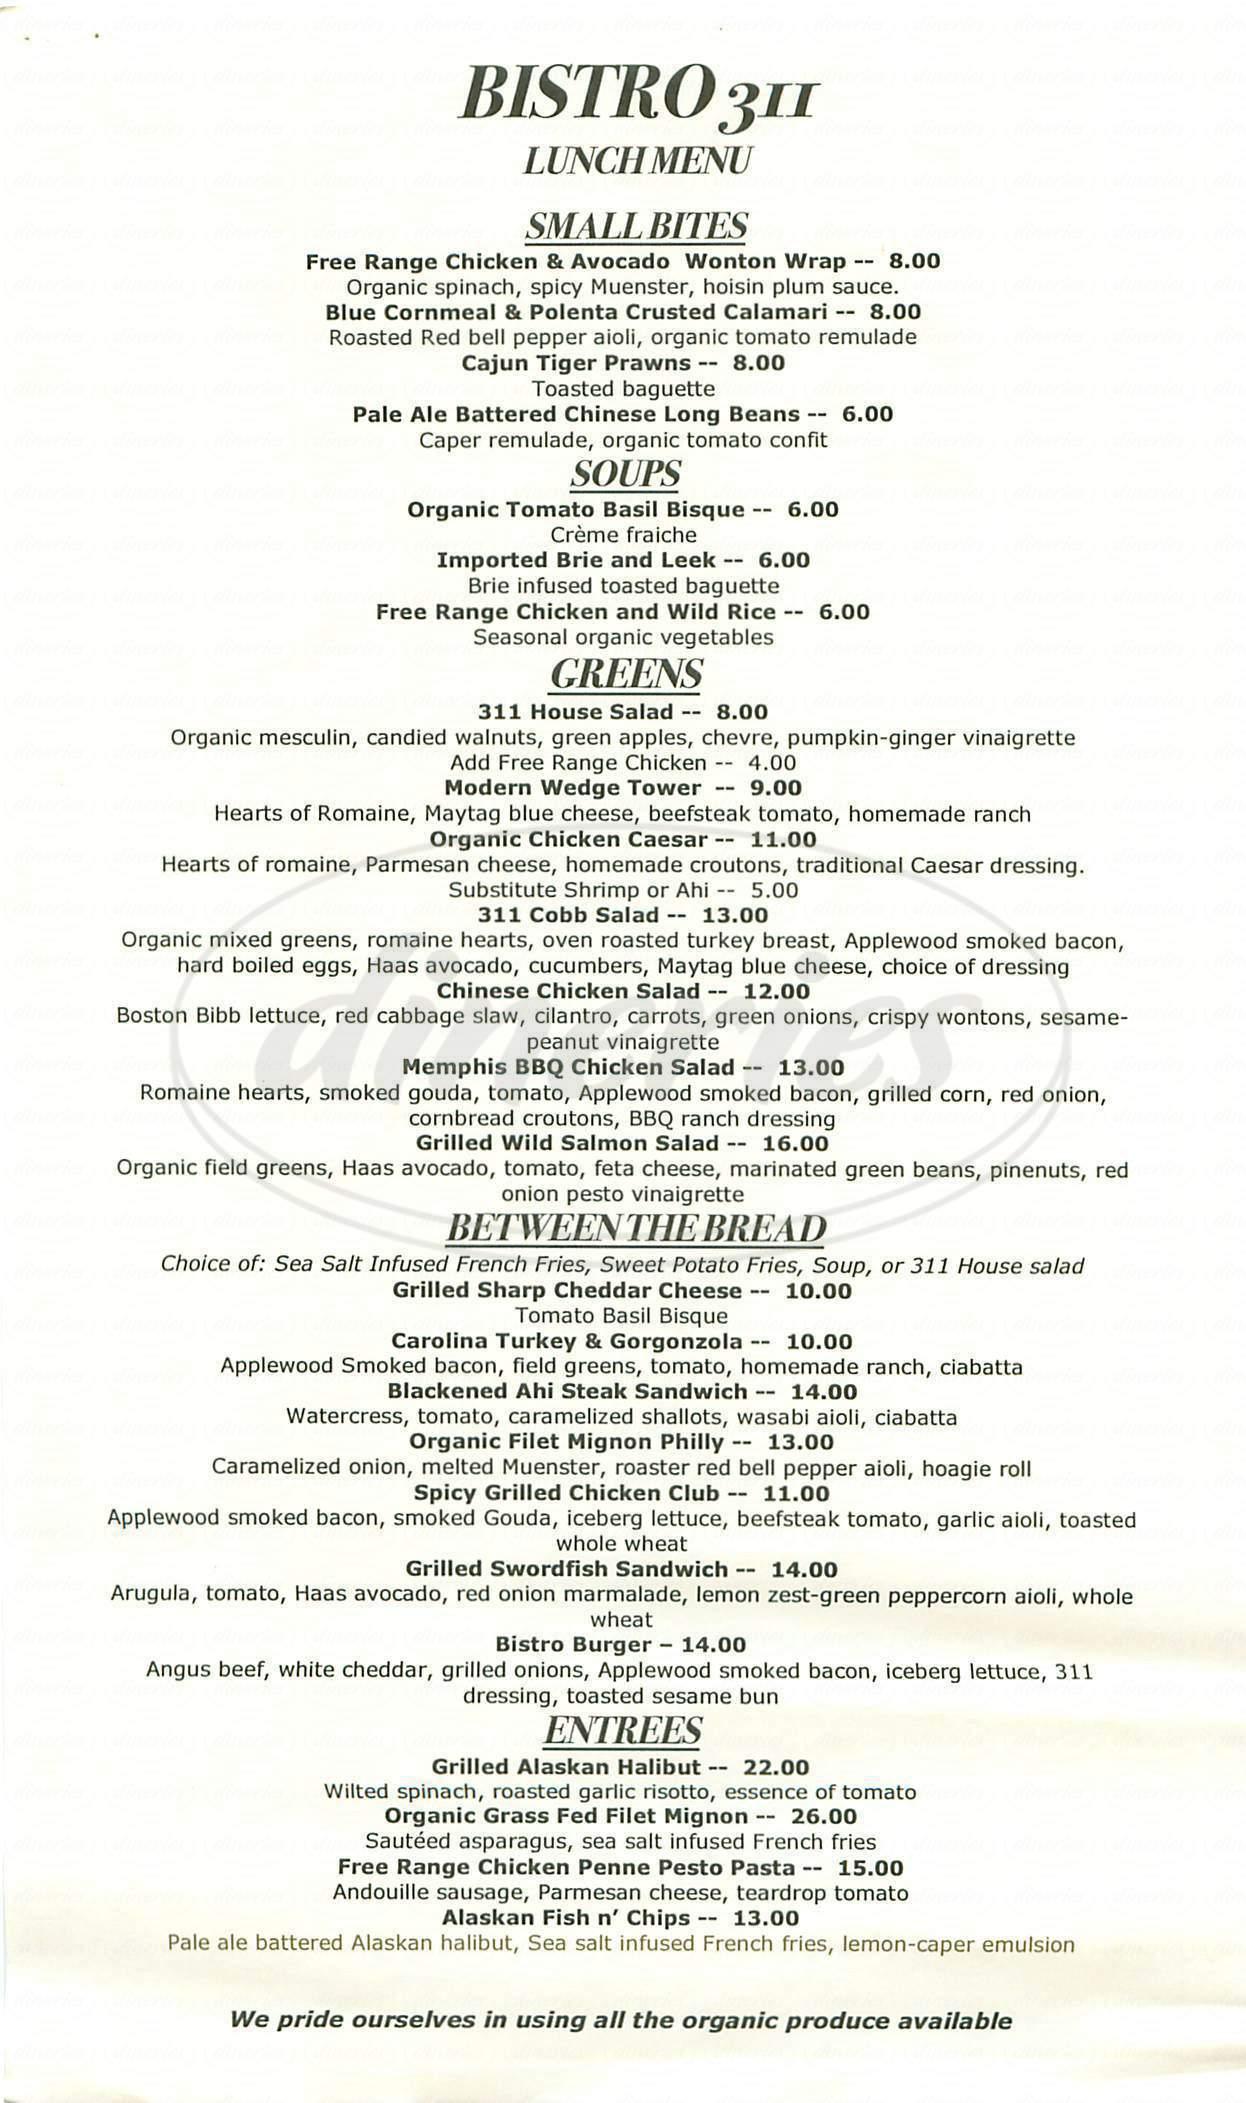 menu for Bistro 311